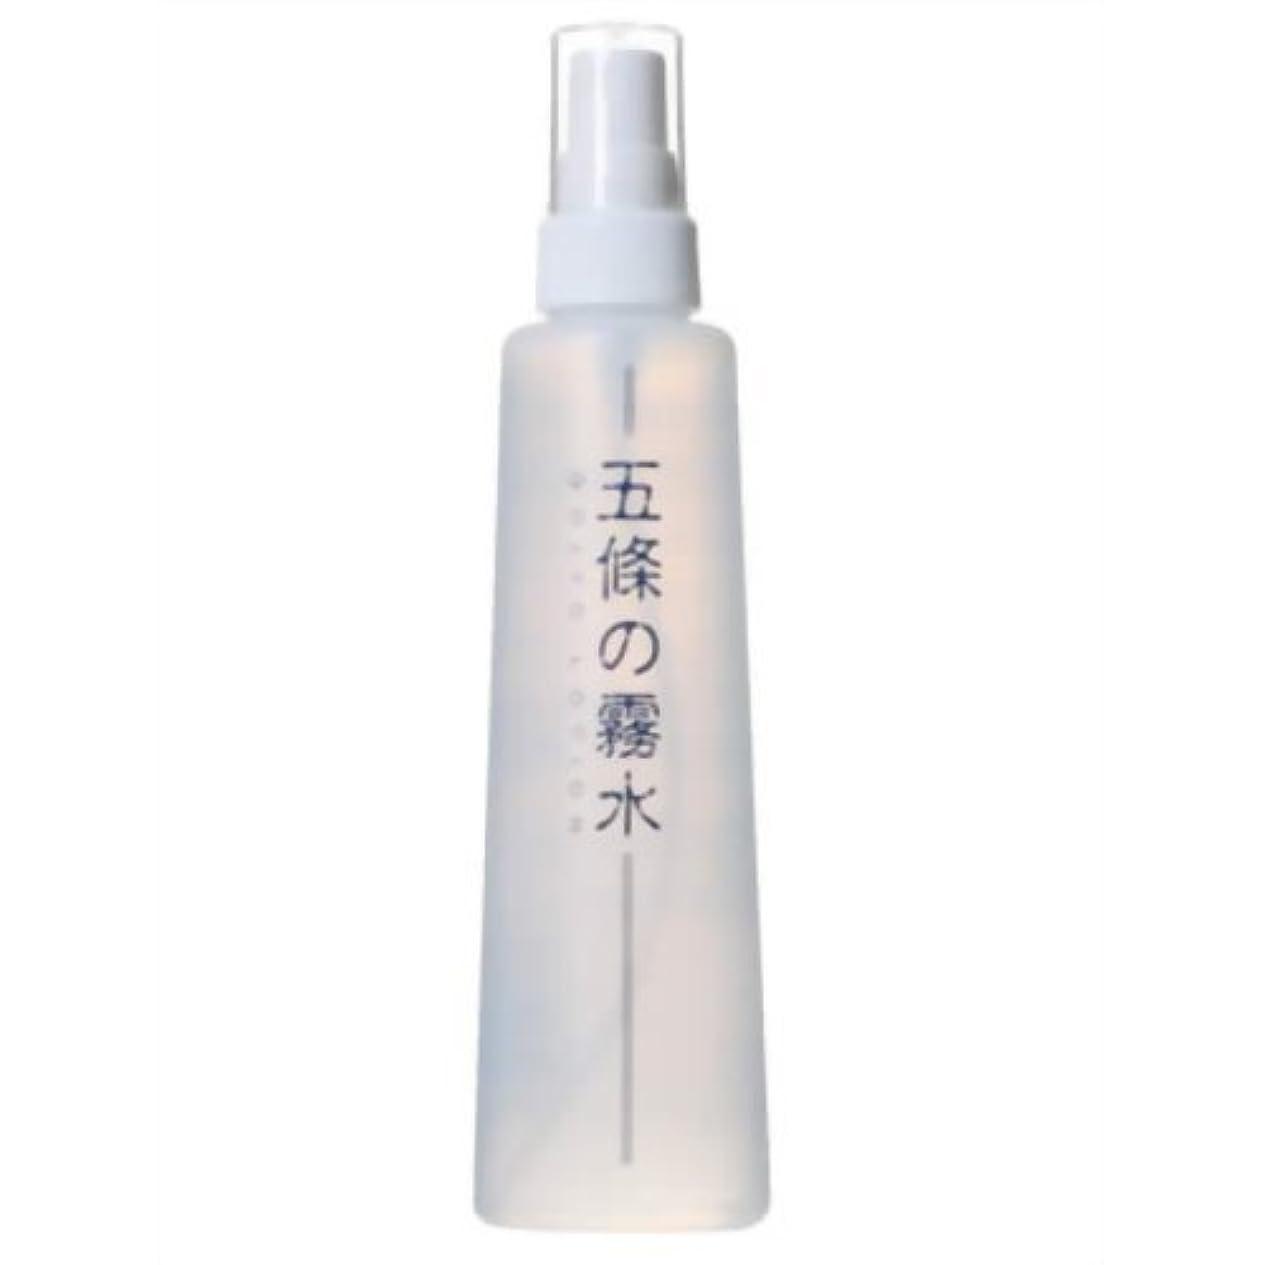 付与製品リスナー五條の霧水ベーシック(200ml)